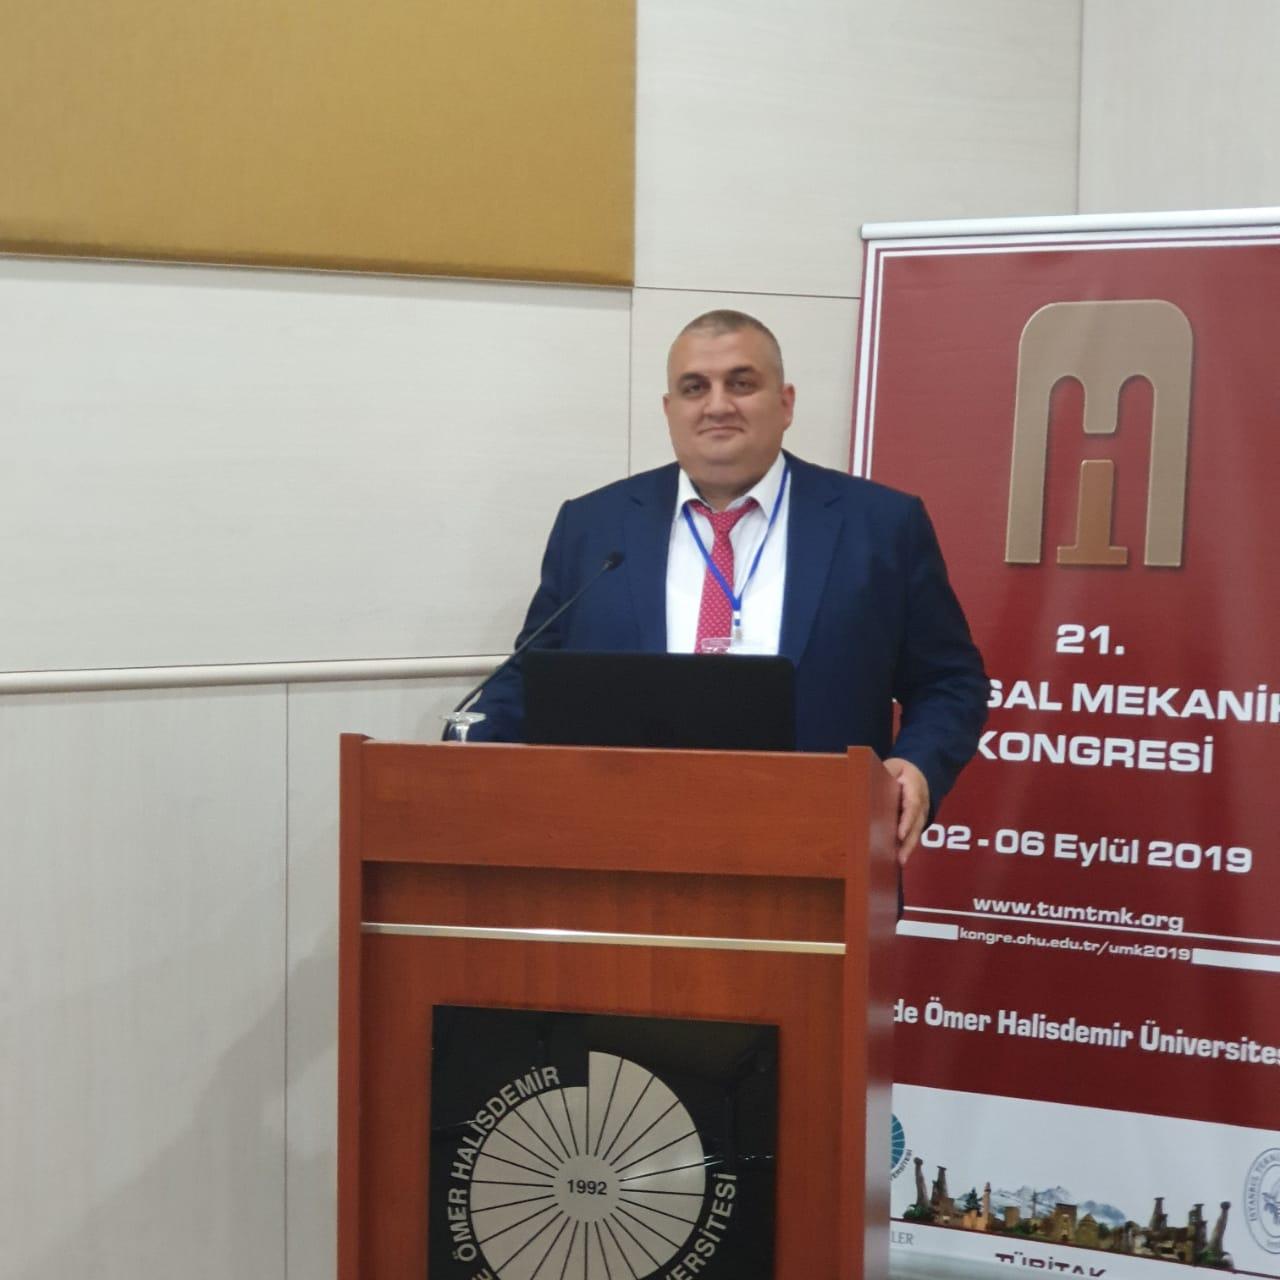 Gənc alim Türkiyədə keçirilən beynəlxalq konqresdə elmi məruzə edib